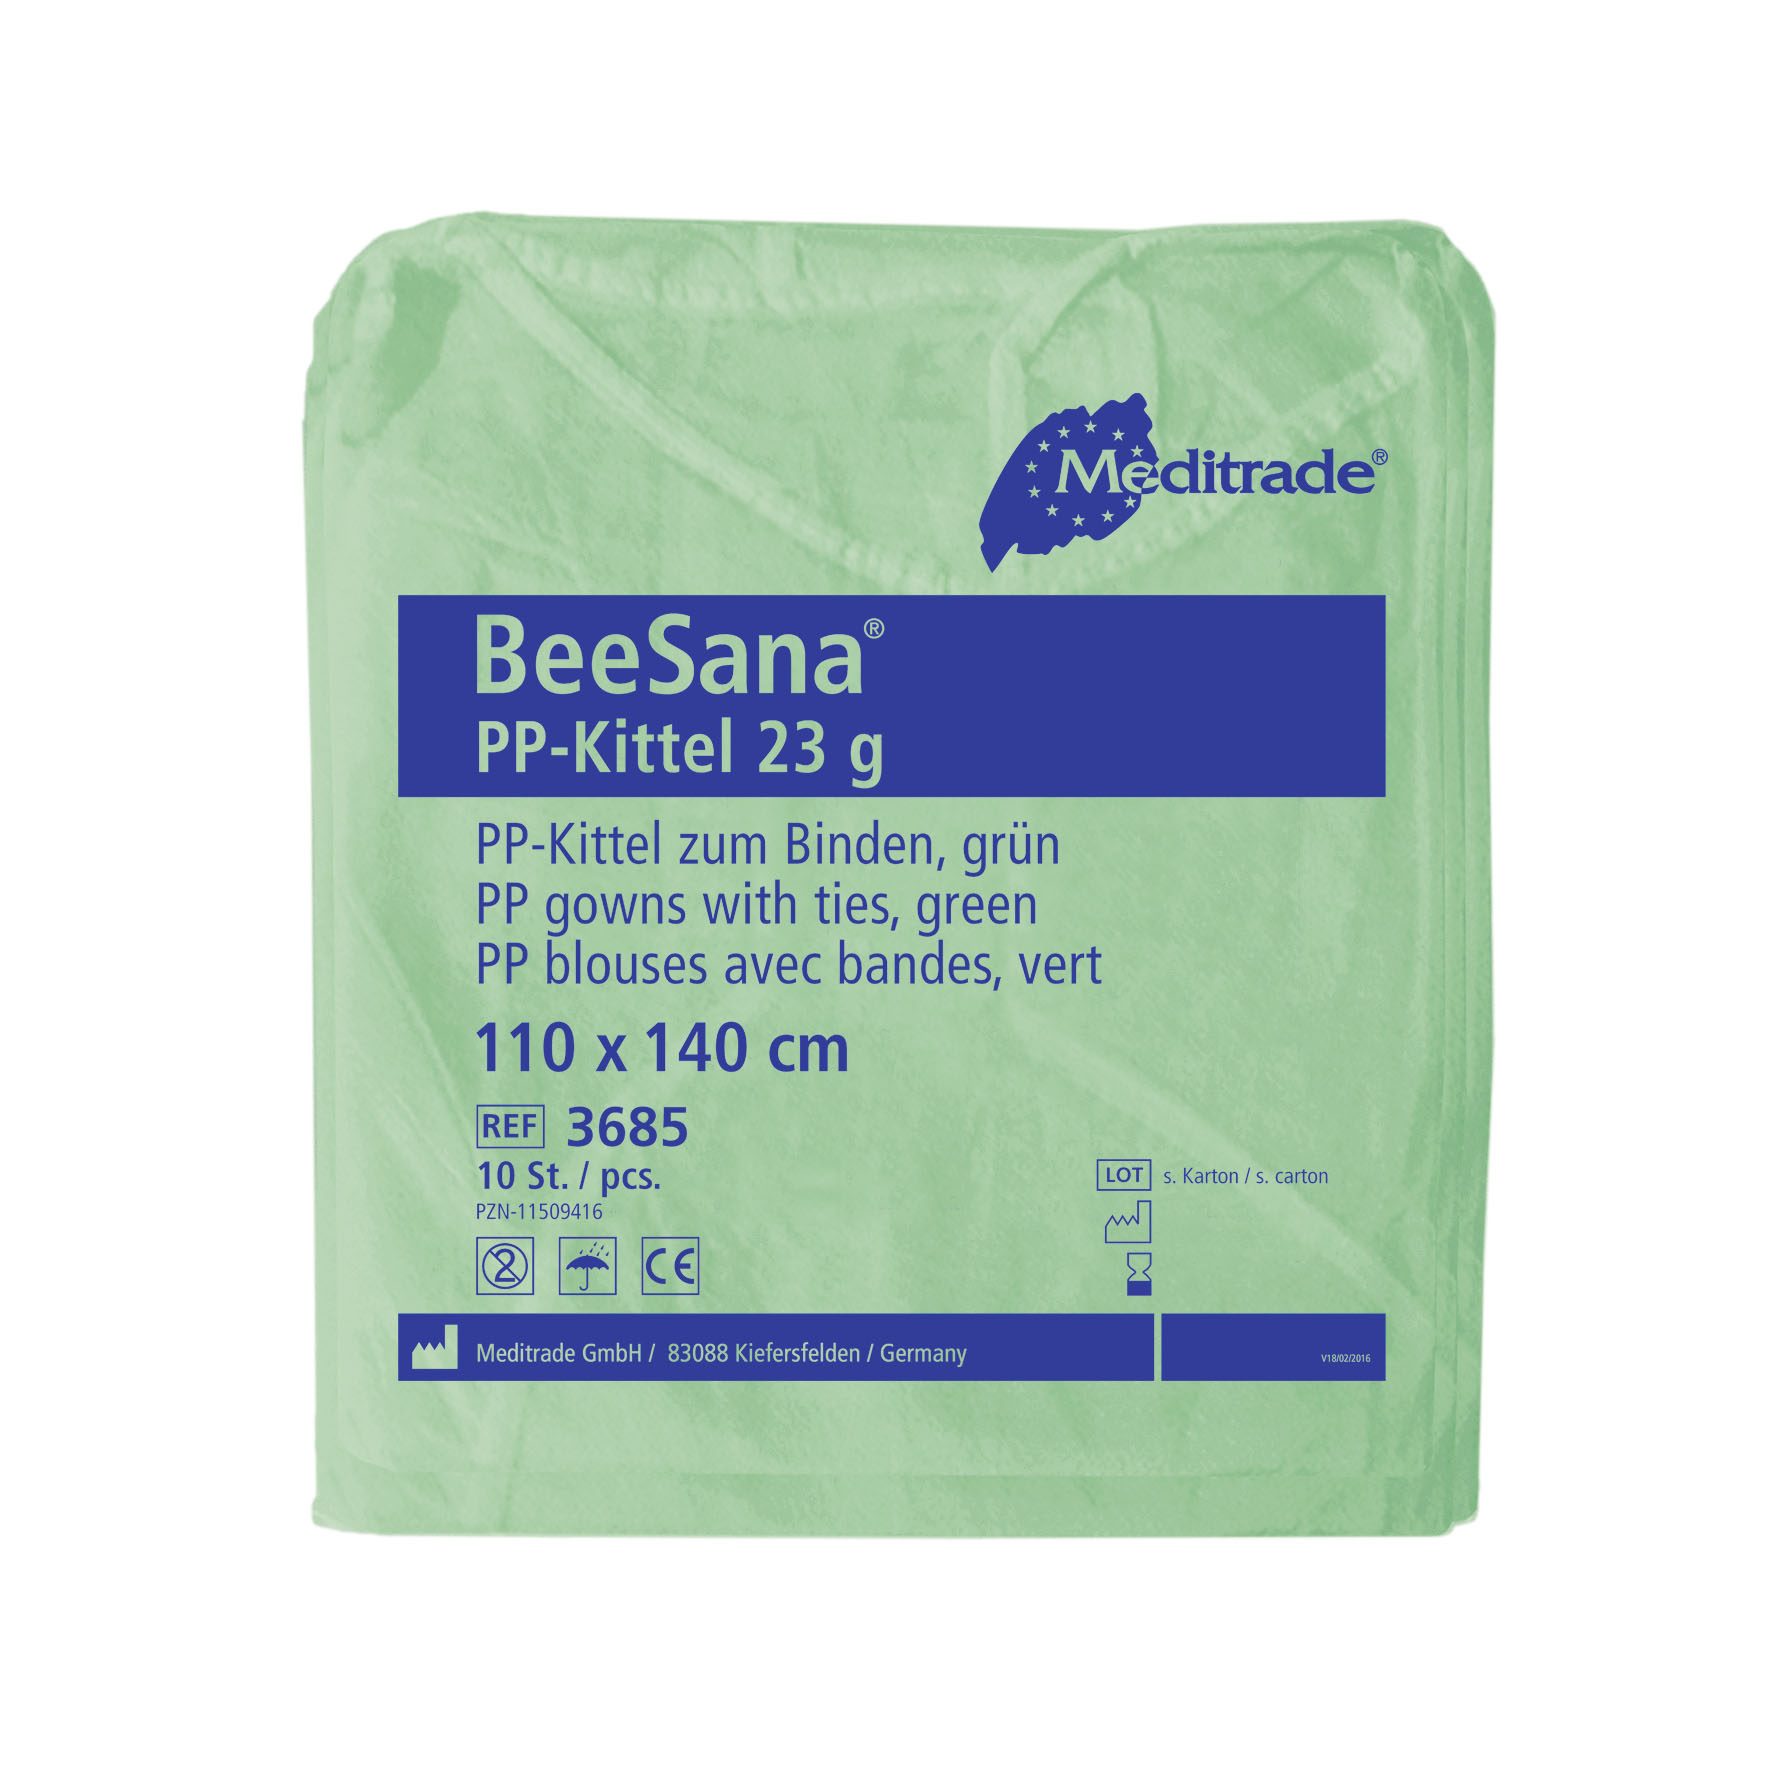 Meditrade BEESANA® PP-KITTEL 23 g